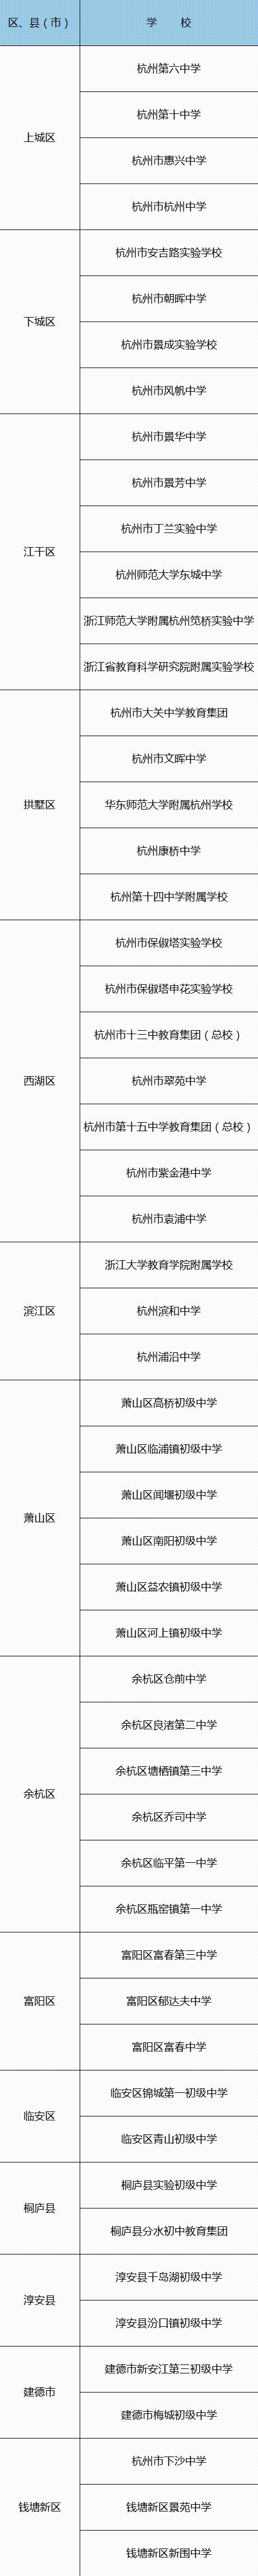 萧山6所上榜!杭州市公办初中提质强校行动首批试点学校名单出炉!